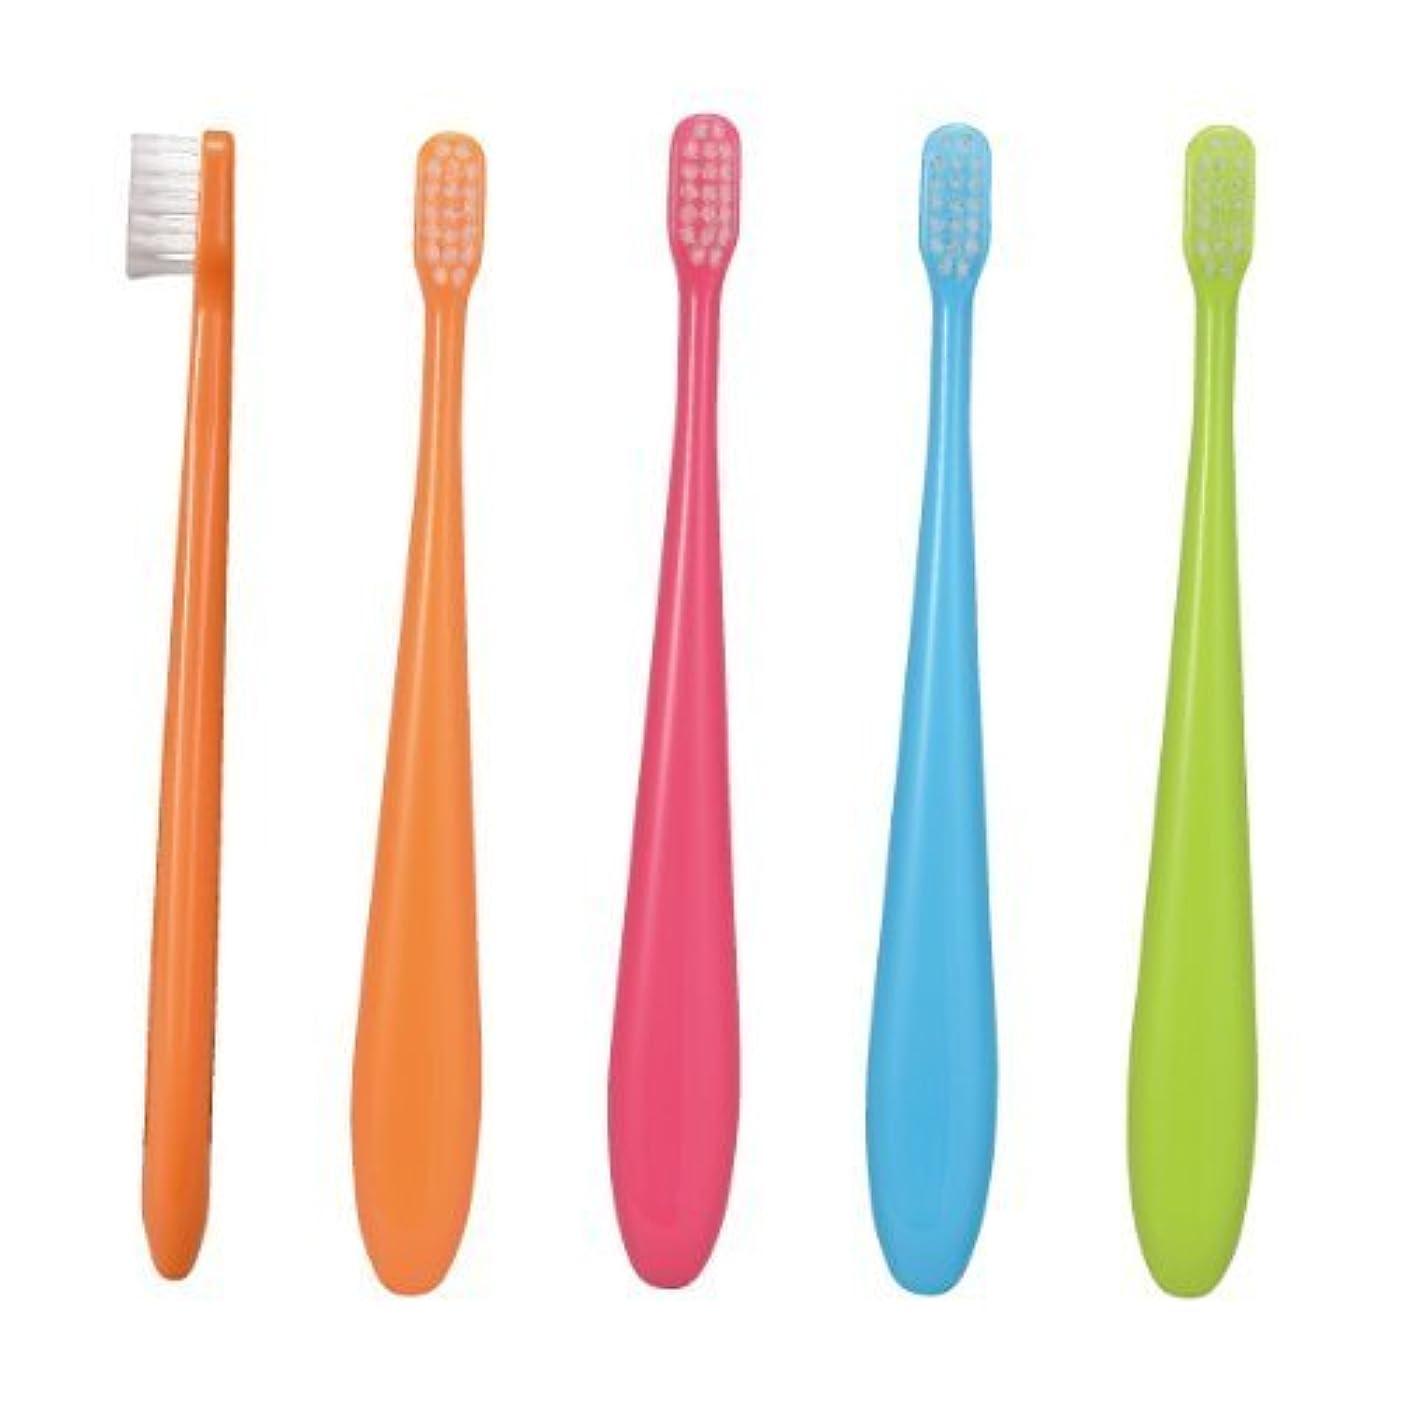 本質的ではないランダム付録Ciミニ歯ブラシ/ミディ 50本入り/Mふつう